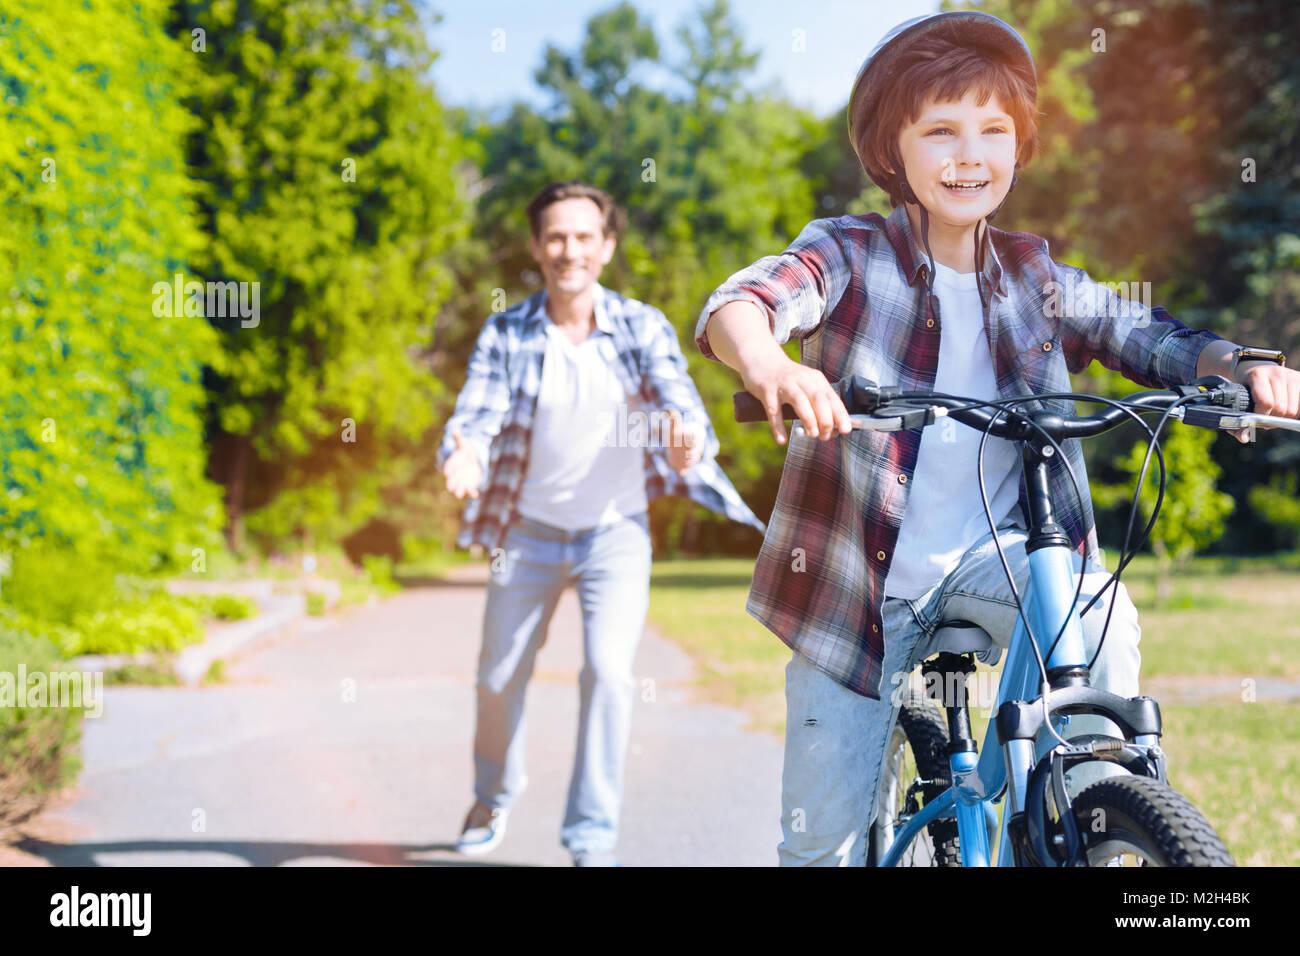 Memori padre figlio di insegnamento caldo a guidare la bicicletta Immagini Stock